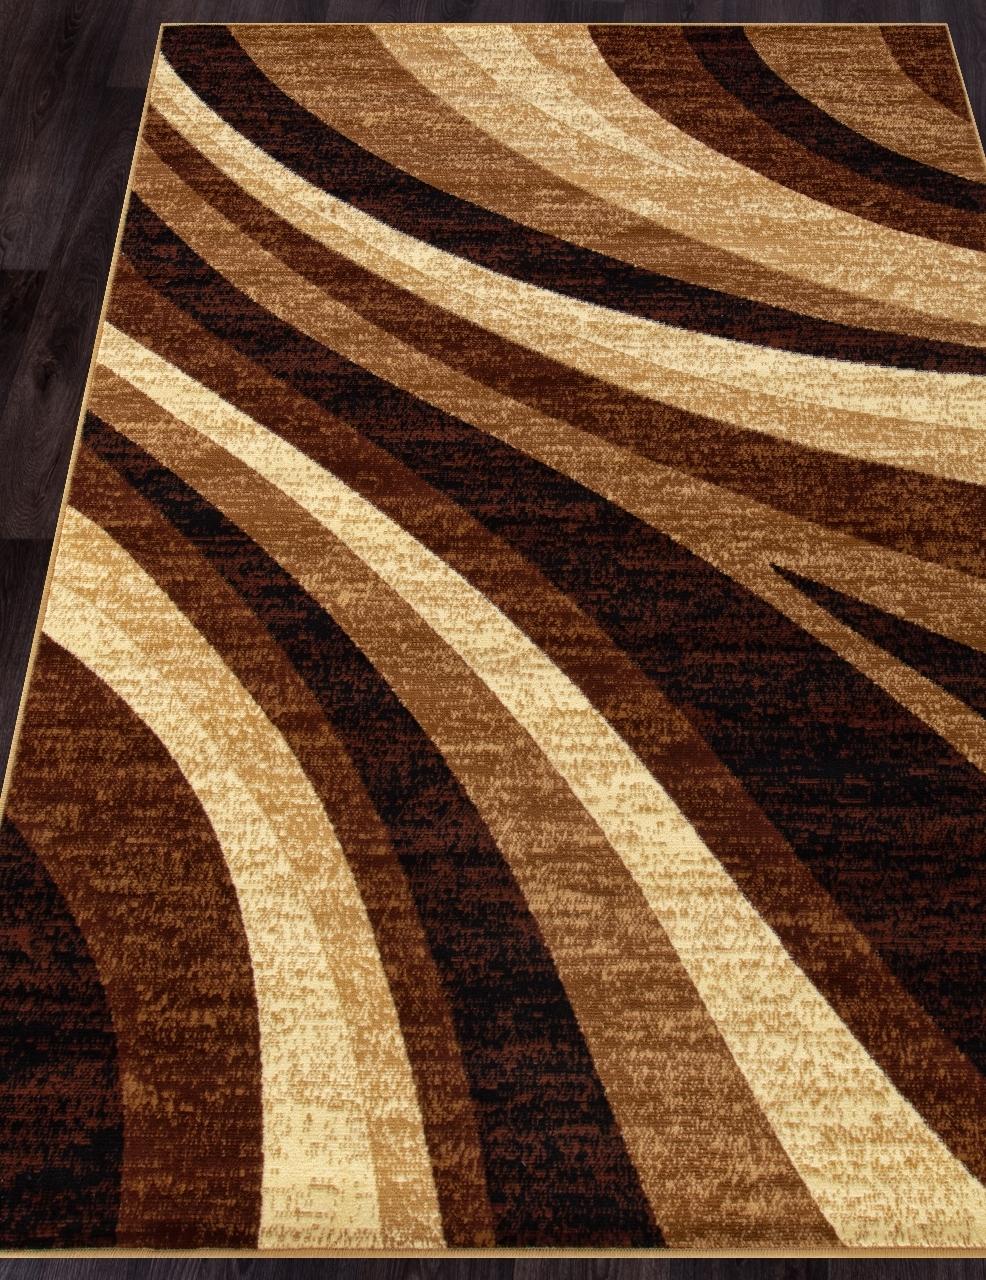 Ковер d234 - BEIGE - Прямоугольник - коллекция LAGUNA - фото 1